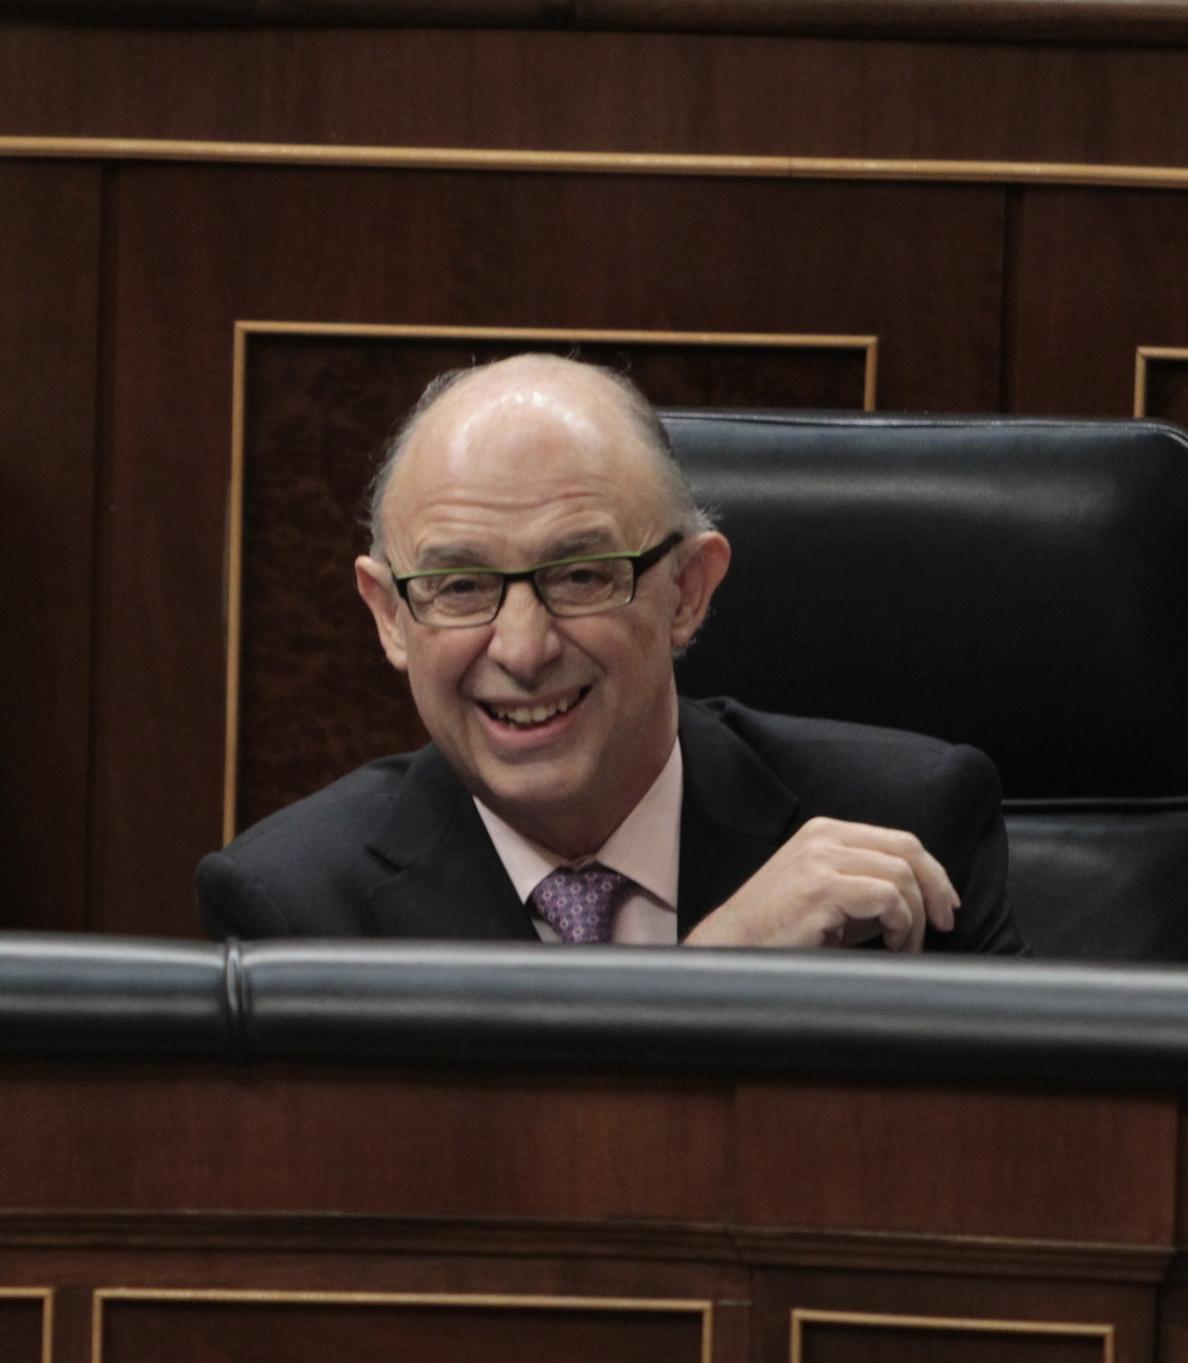 La reforma fiscal salva el primer trámite en el Congreso, con la abstención de CiU y PNV